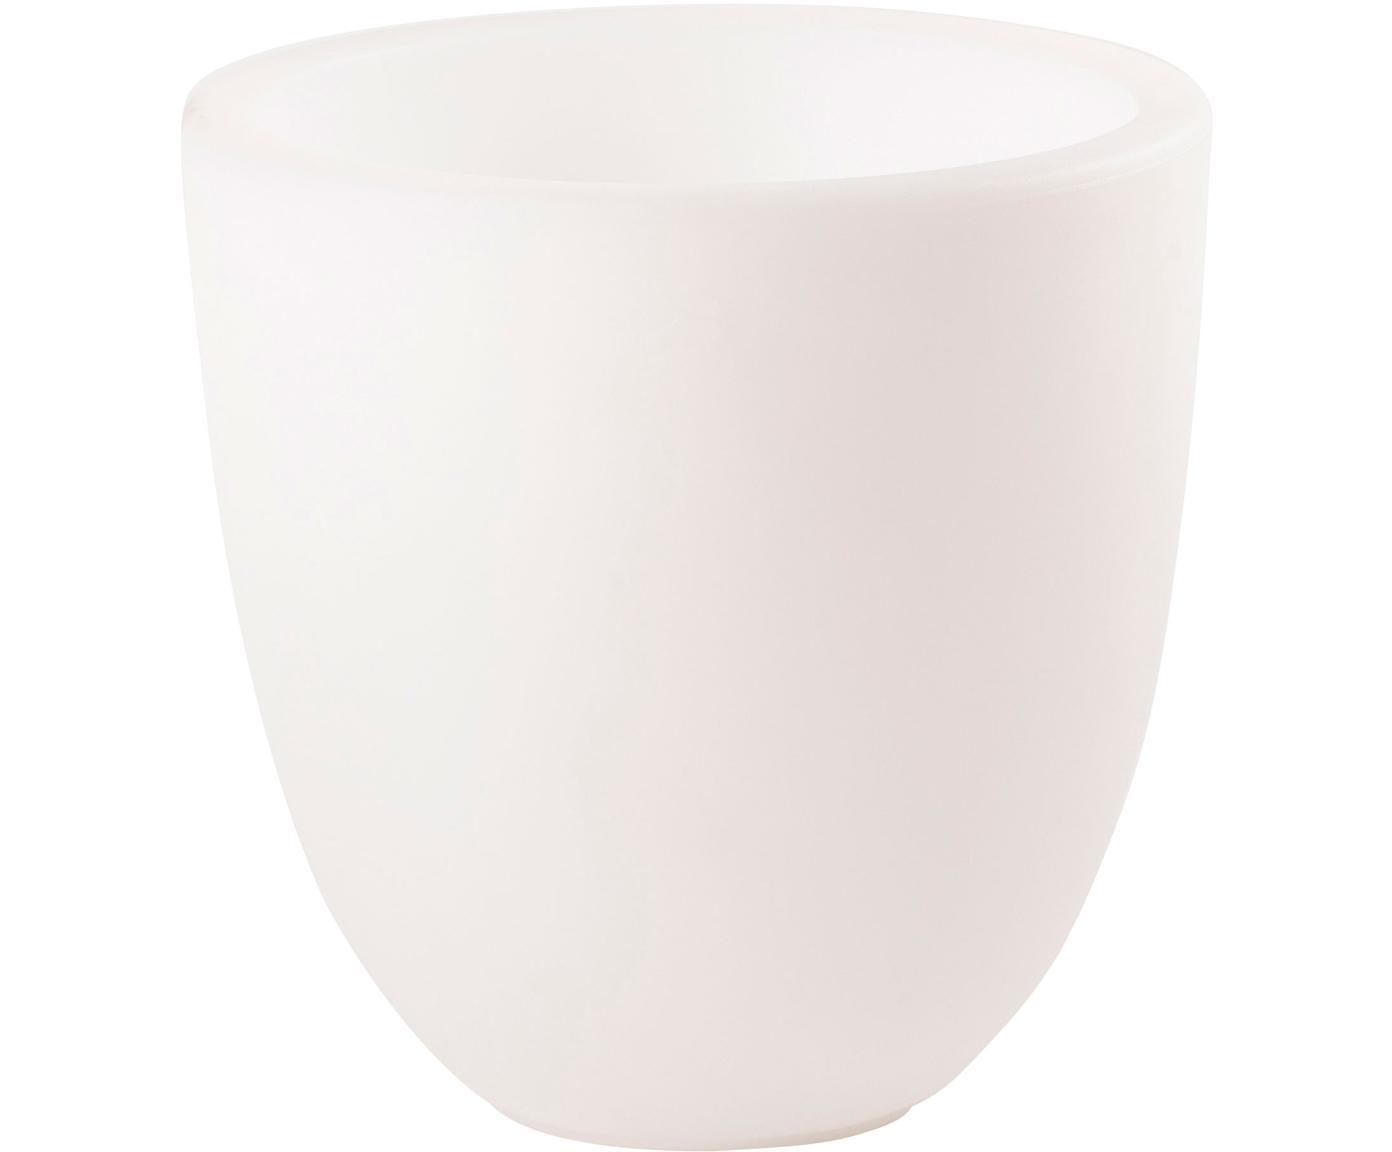 Aussenleuchte Shining Curvy Pot, Kunststoff (Polyethylen), Weiss, Ø 39 x H 39 cm